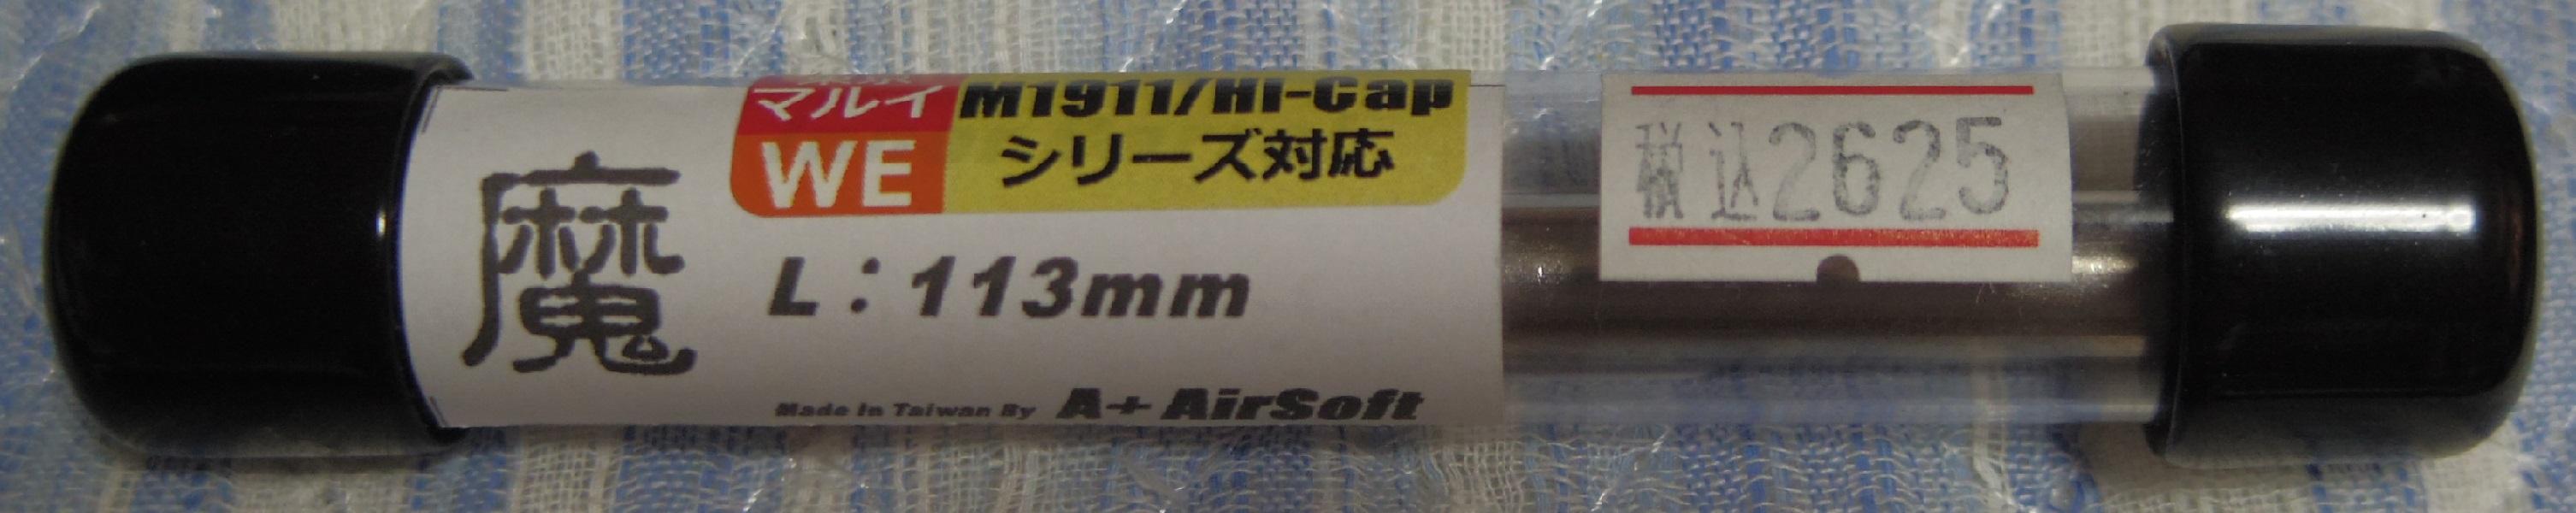 IMGP1243.jpg